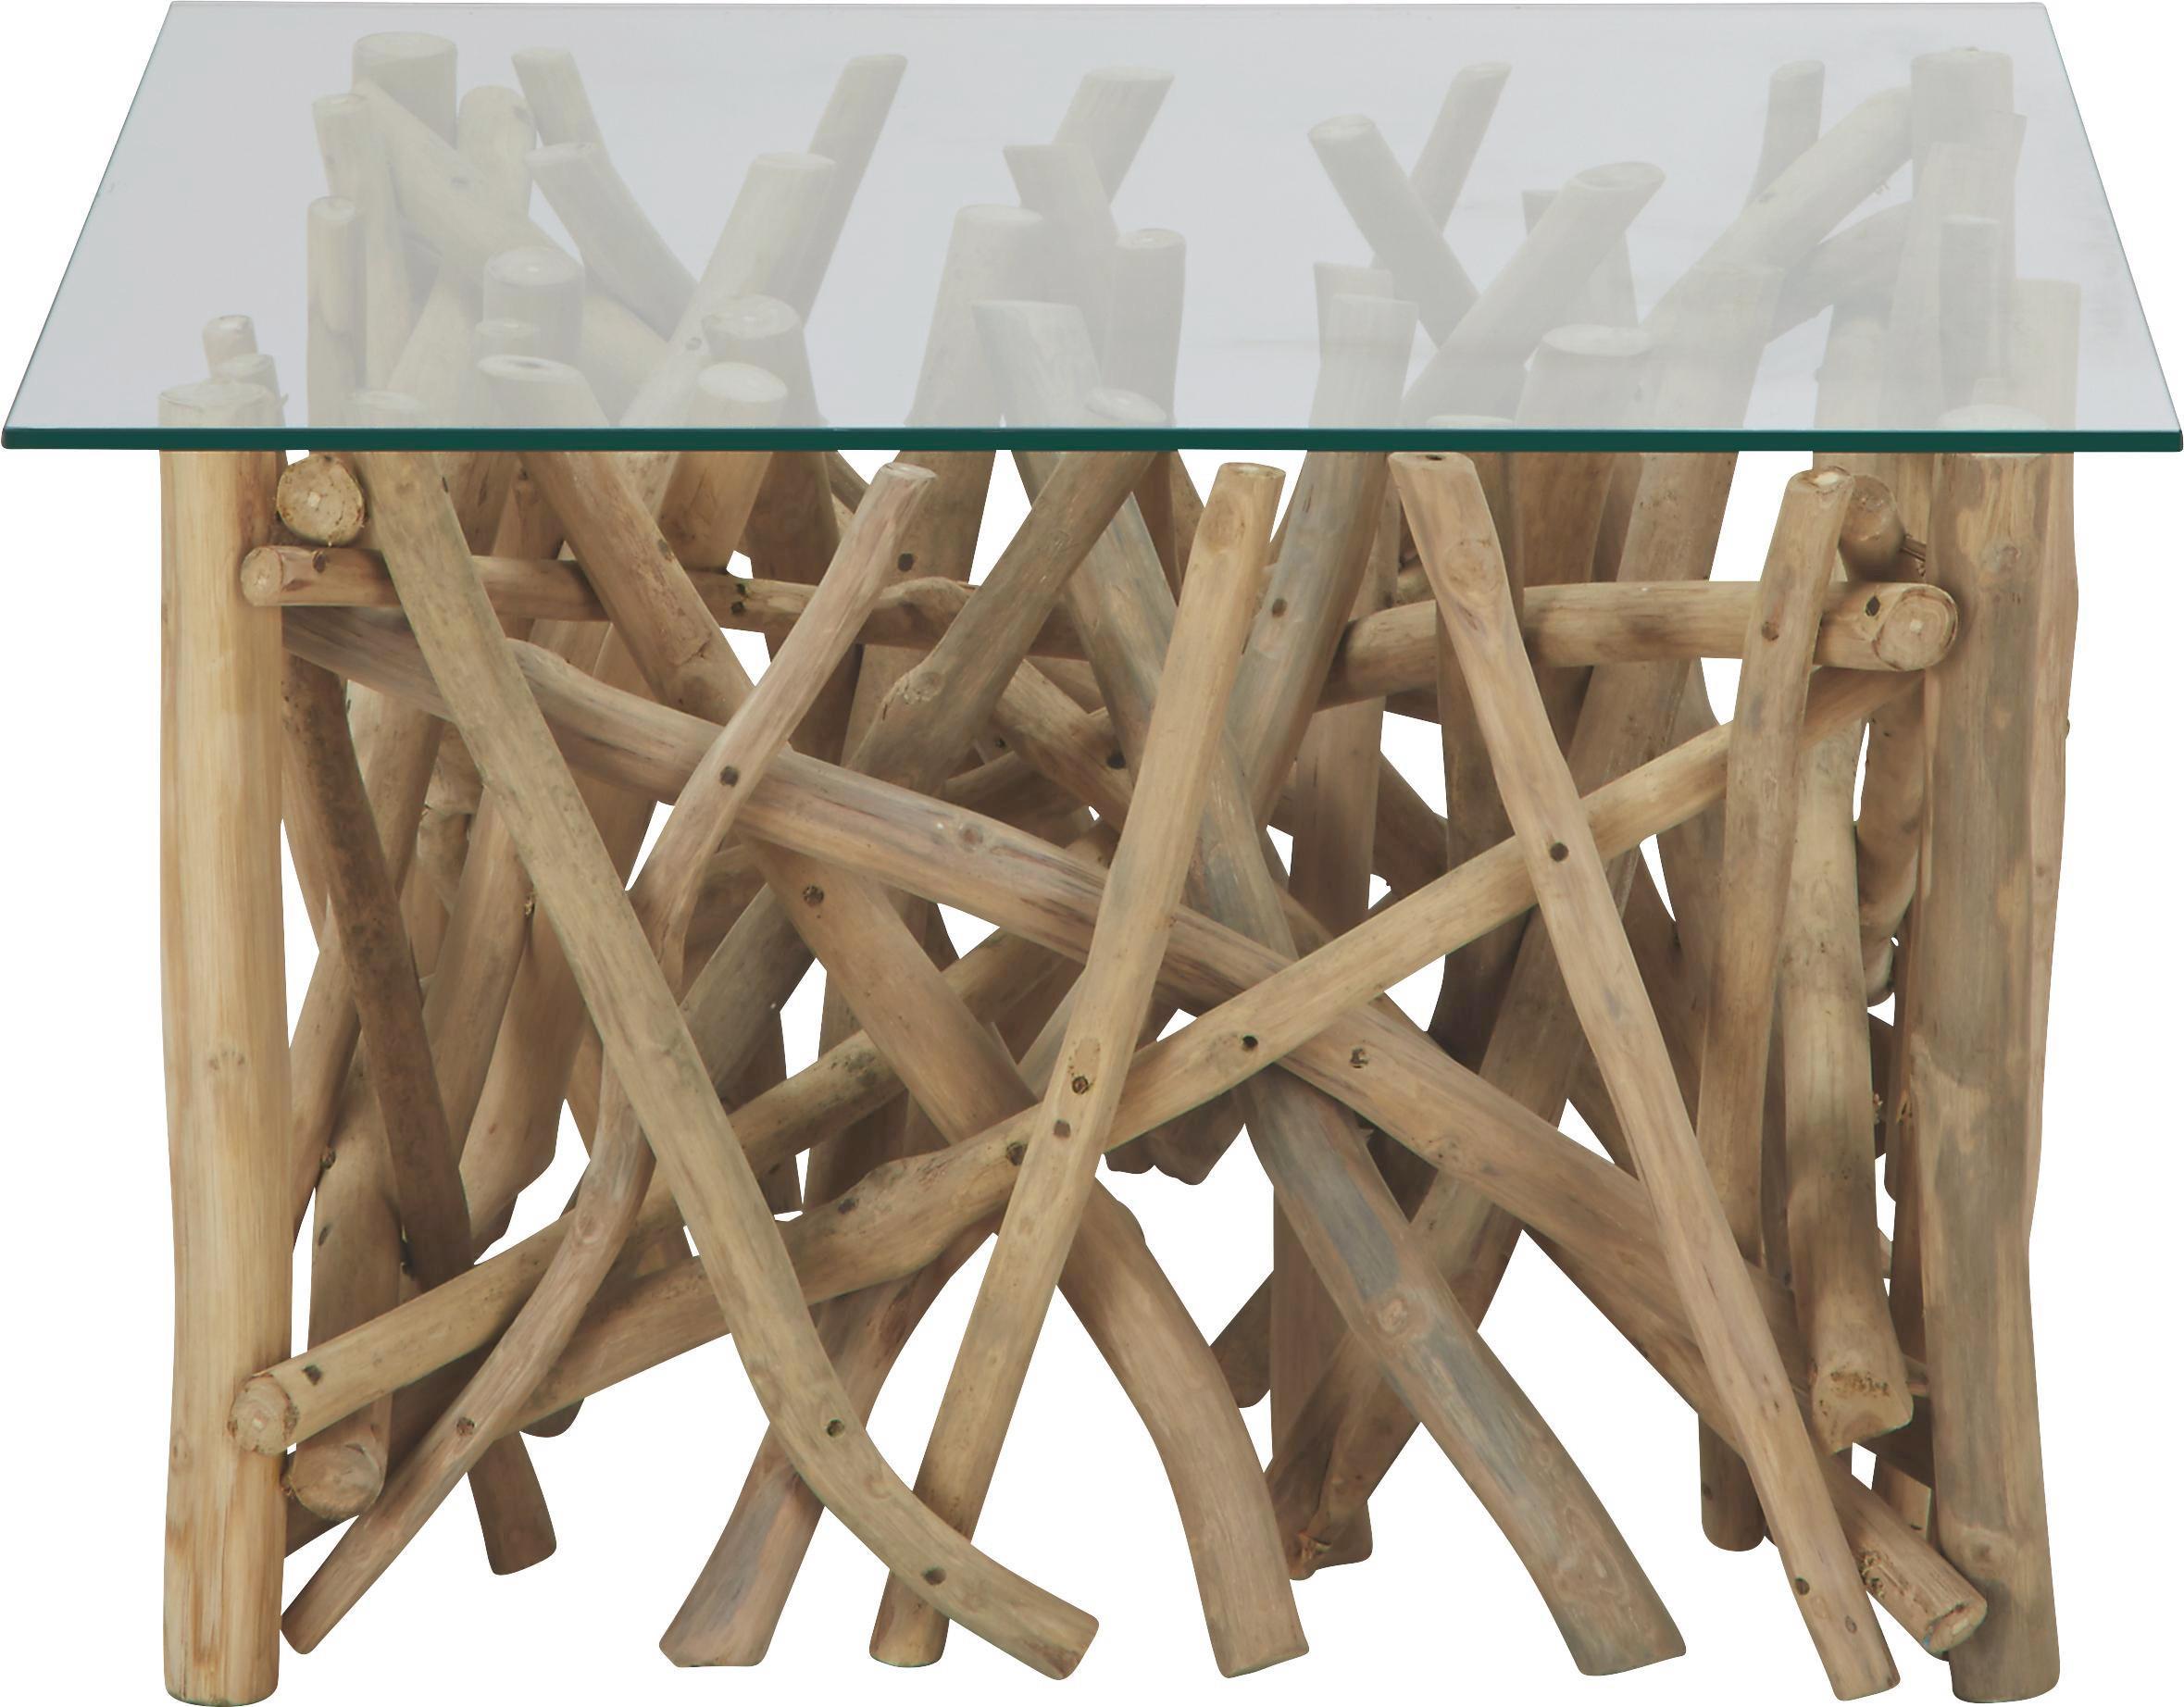 Couchtisch aus Holz/Glas - Weiß/Teakfarben, LIFESTYLE, Glas/Holz (80/42/80cm) - ZANDIARA